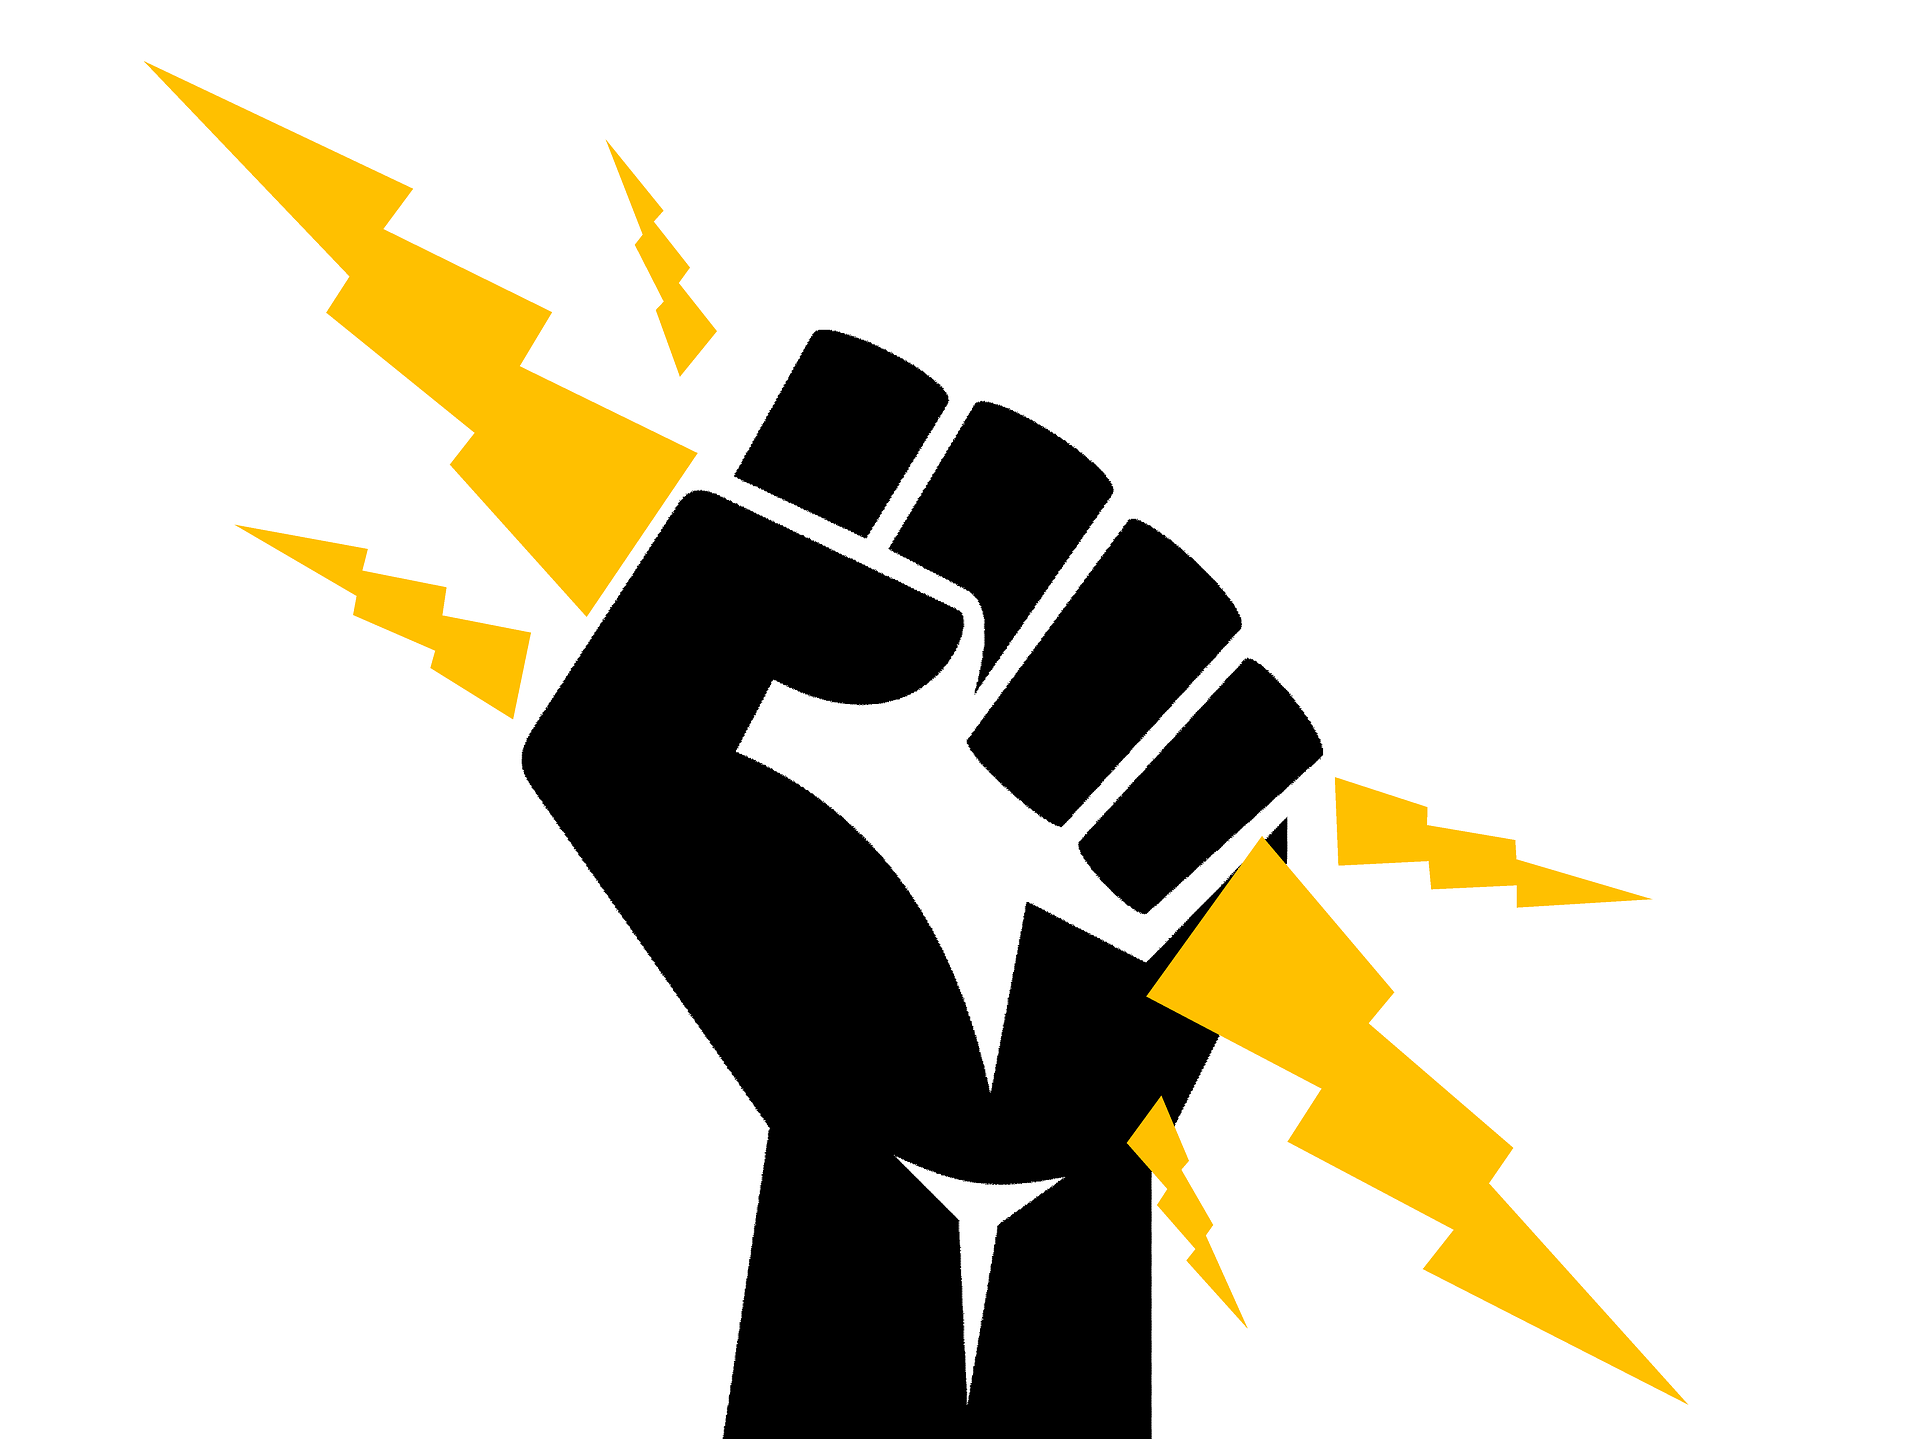 Uprawnienia SEP do 1 kV – podnosimy kwalifikacje